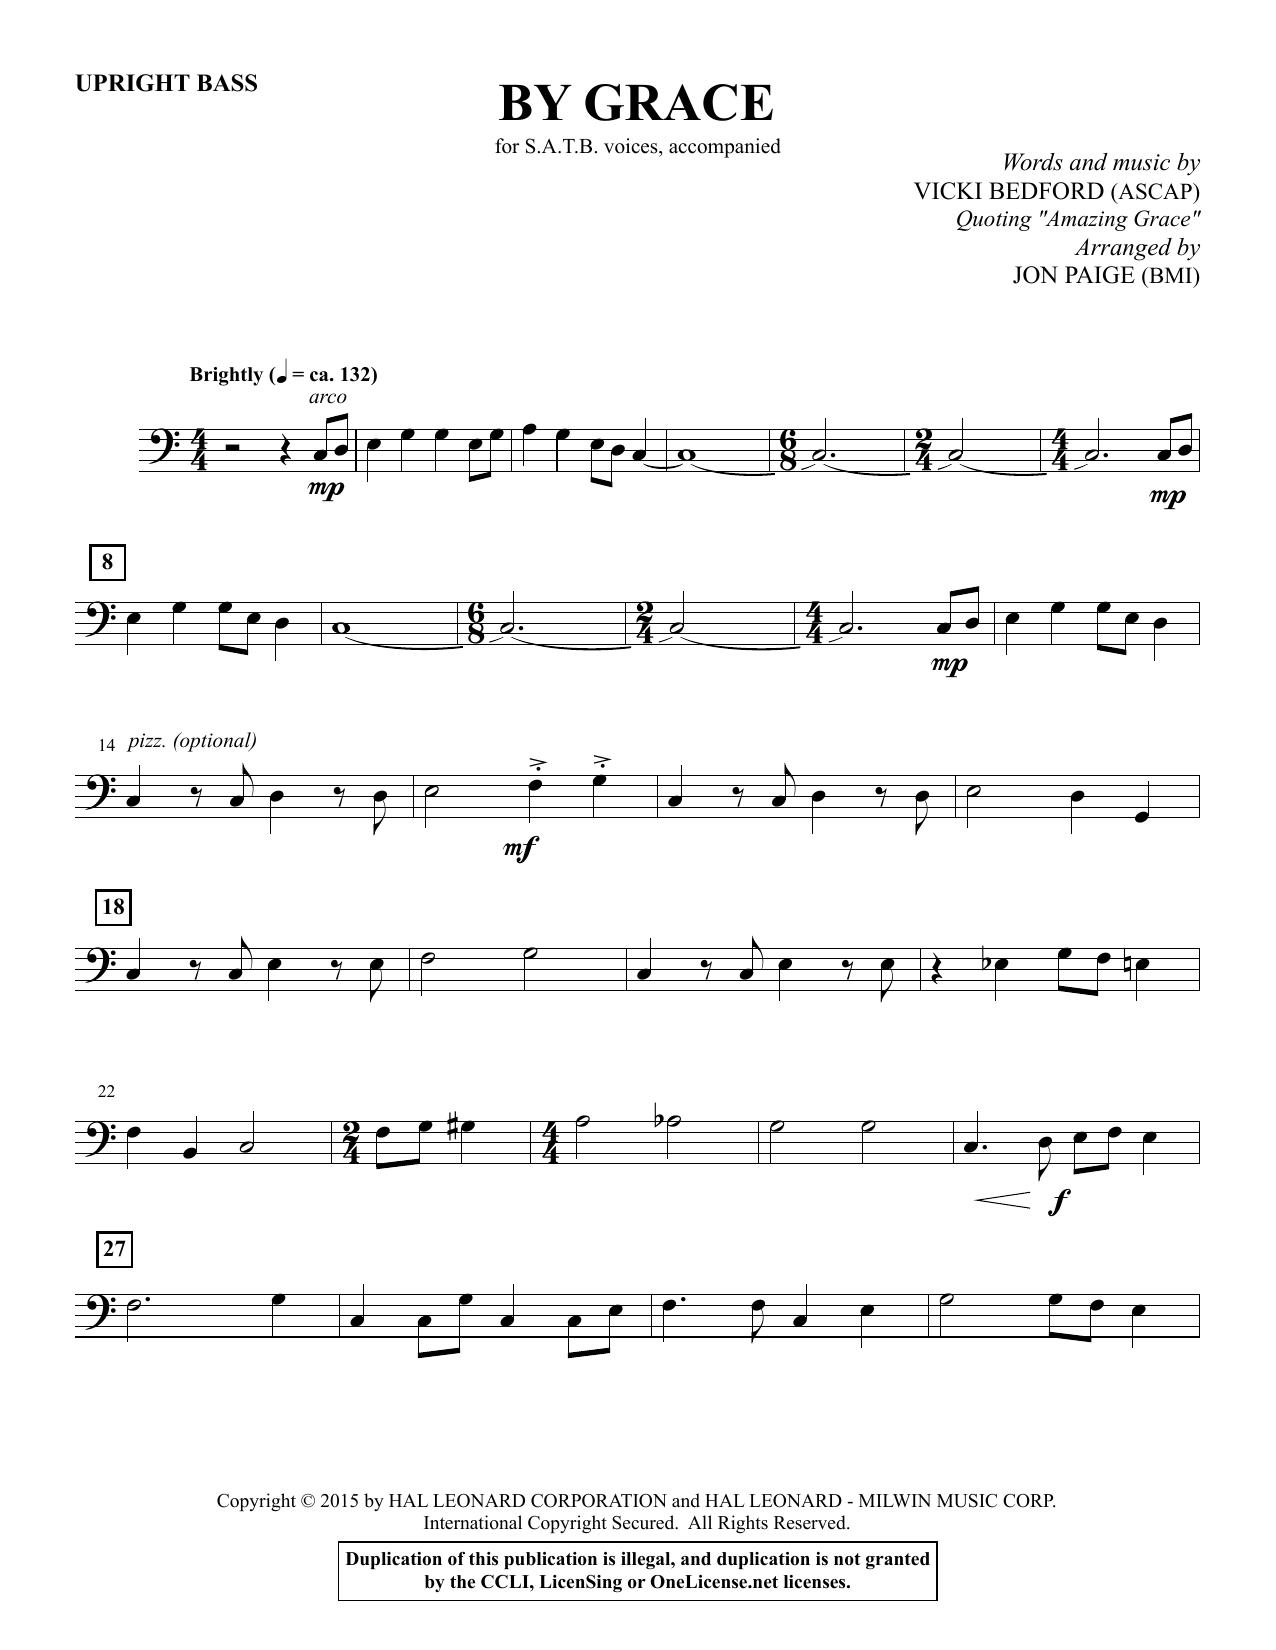 By Grace - Upright Bass sheet music